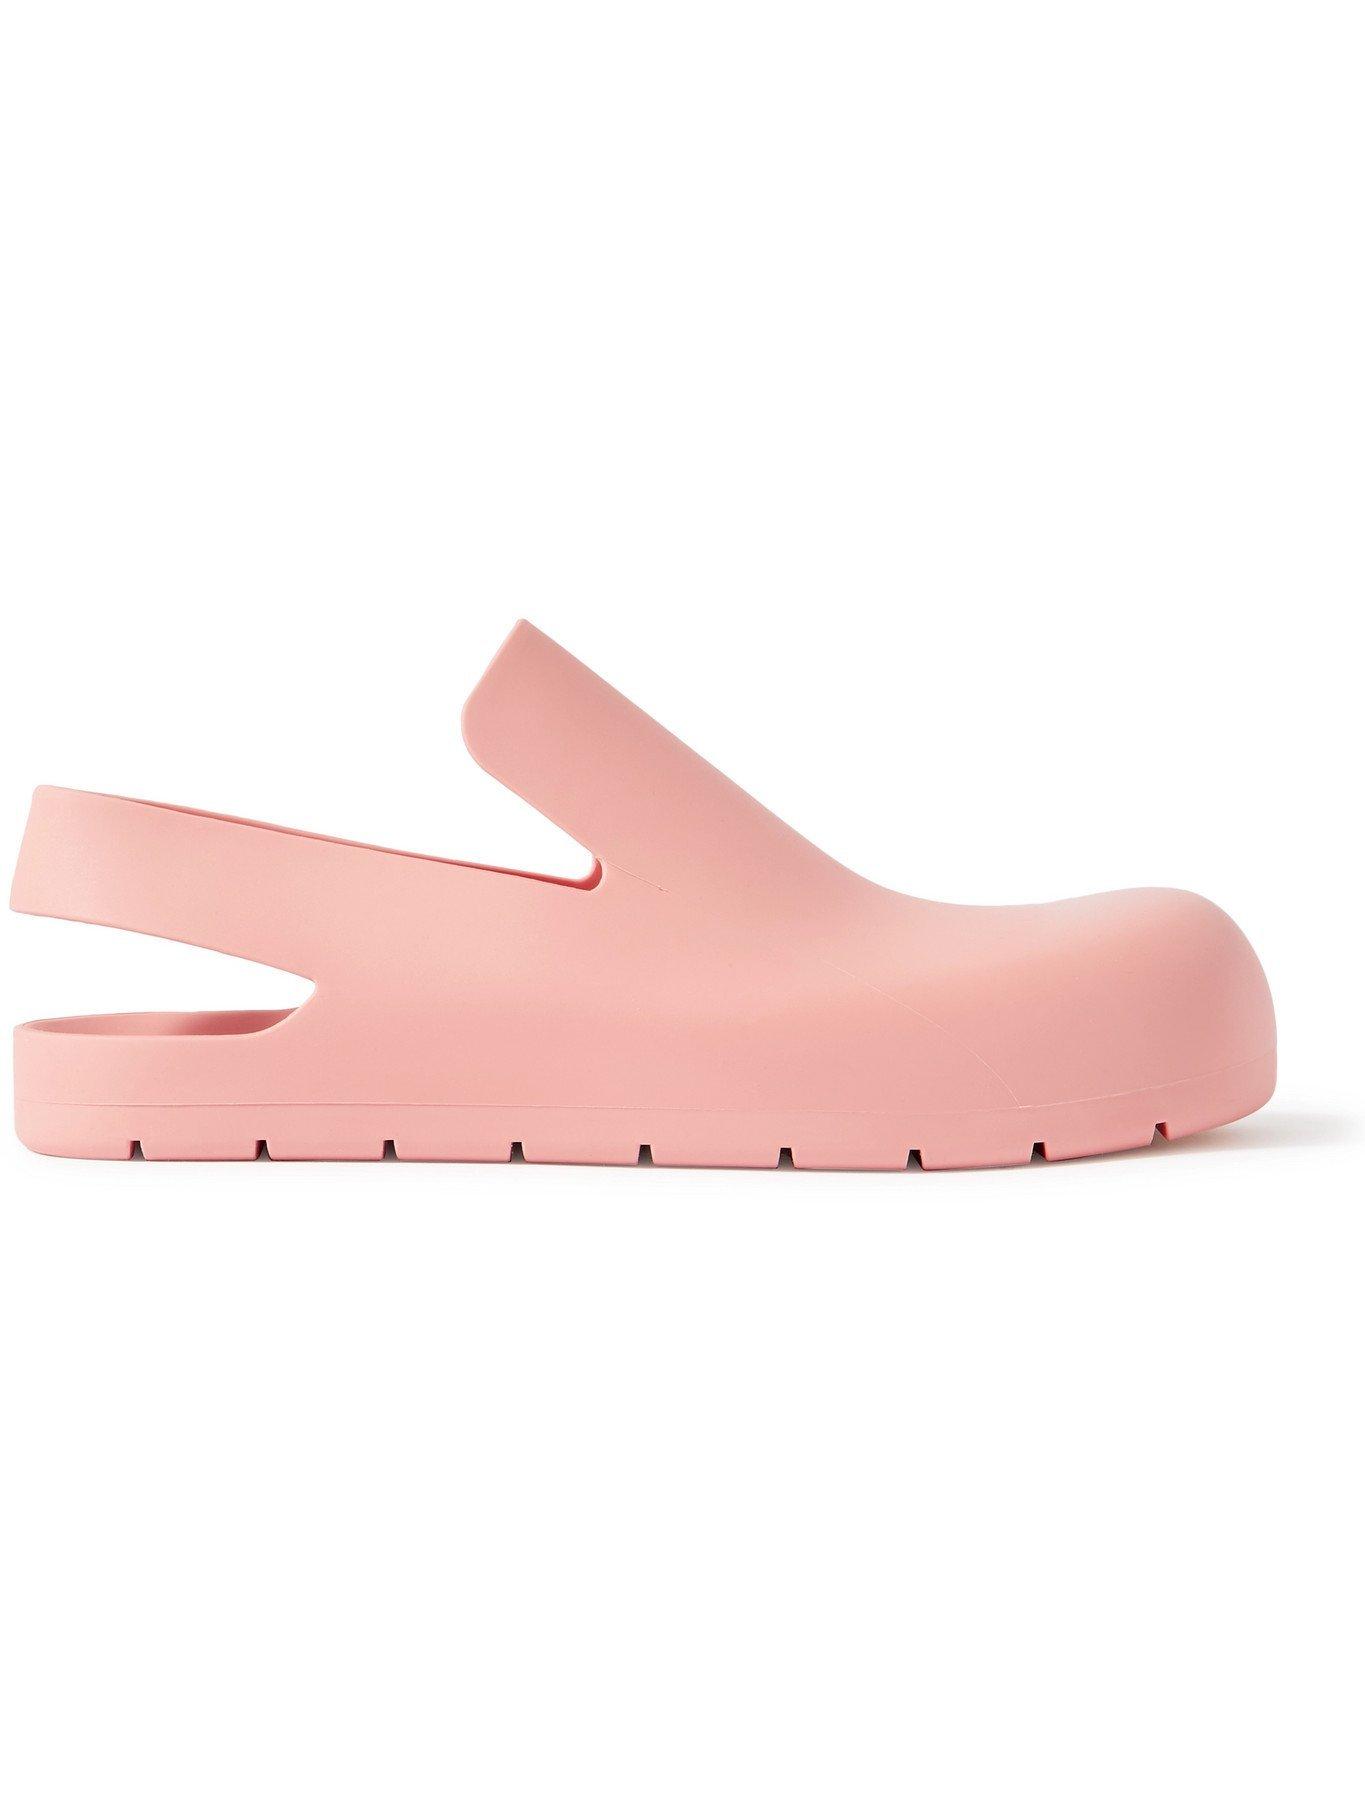 Photo: BOTTEGA VENETA - Rubber Sandals - Pink - EU 41